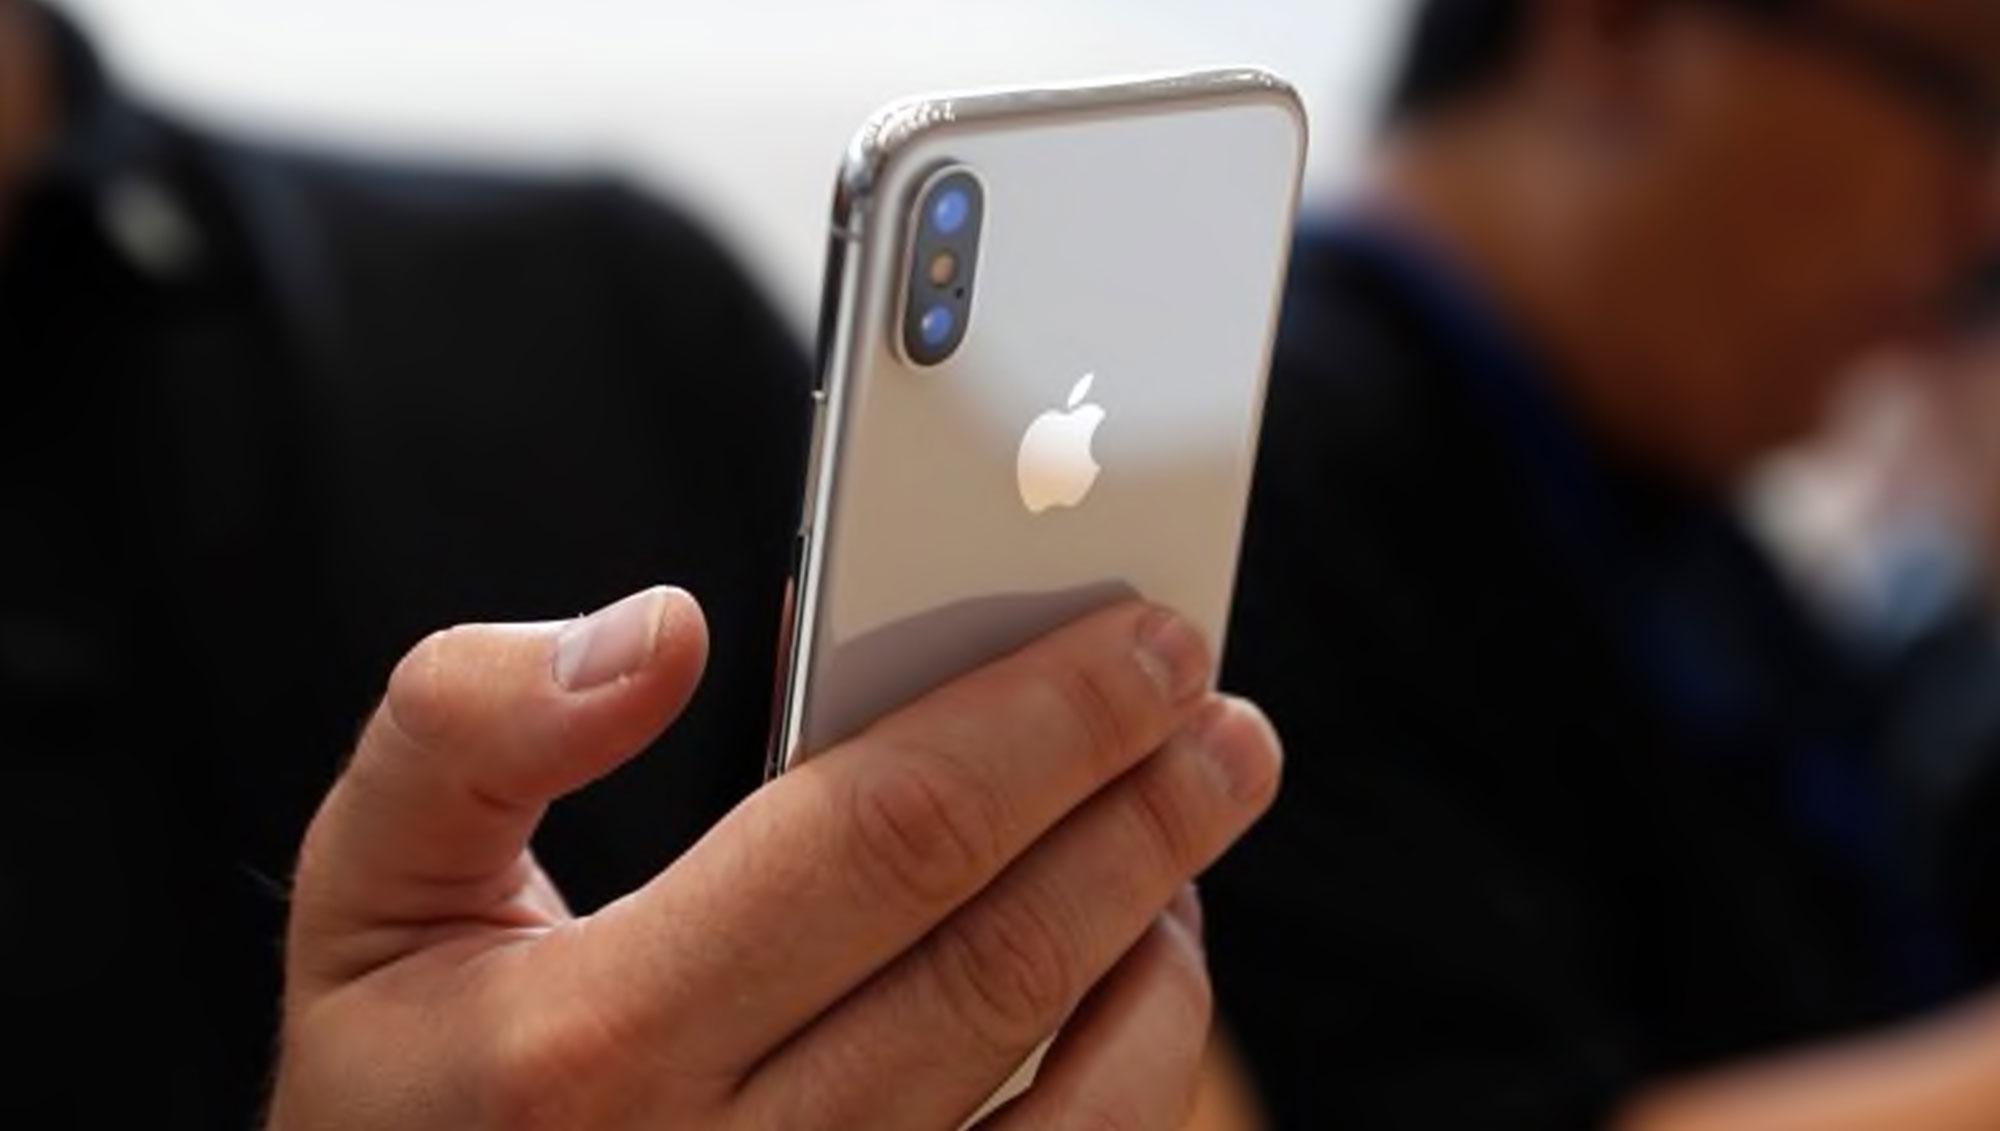 华尔街日报:iPhone 拓展海外生产地,富士康考虑转移至印度建厂